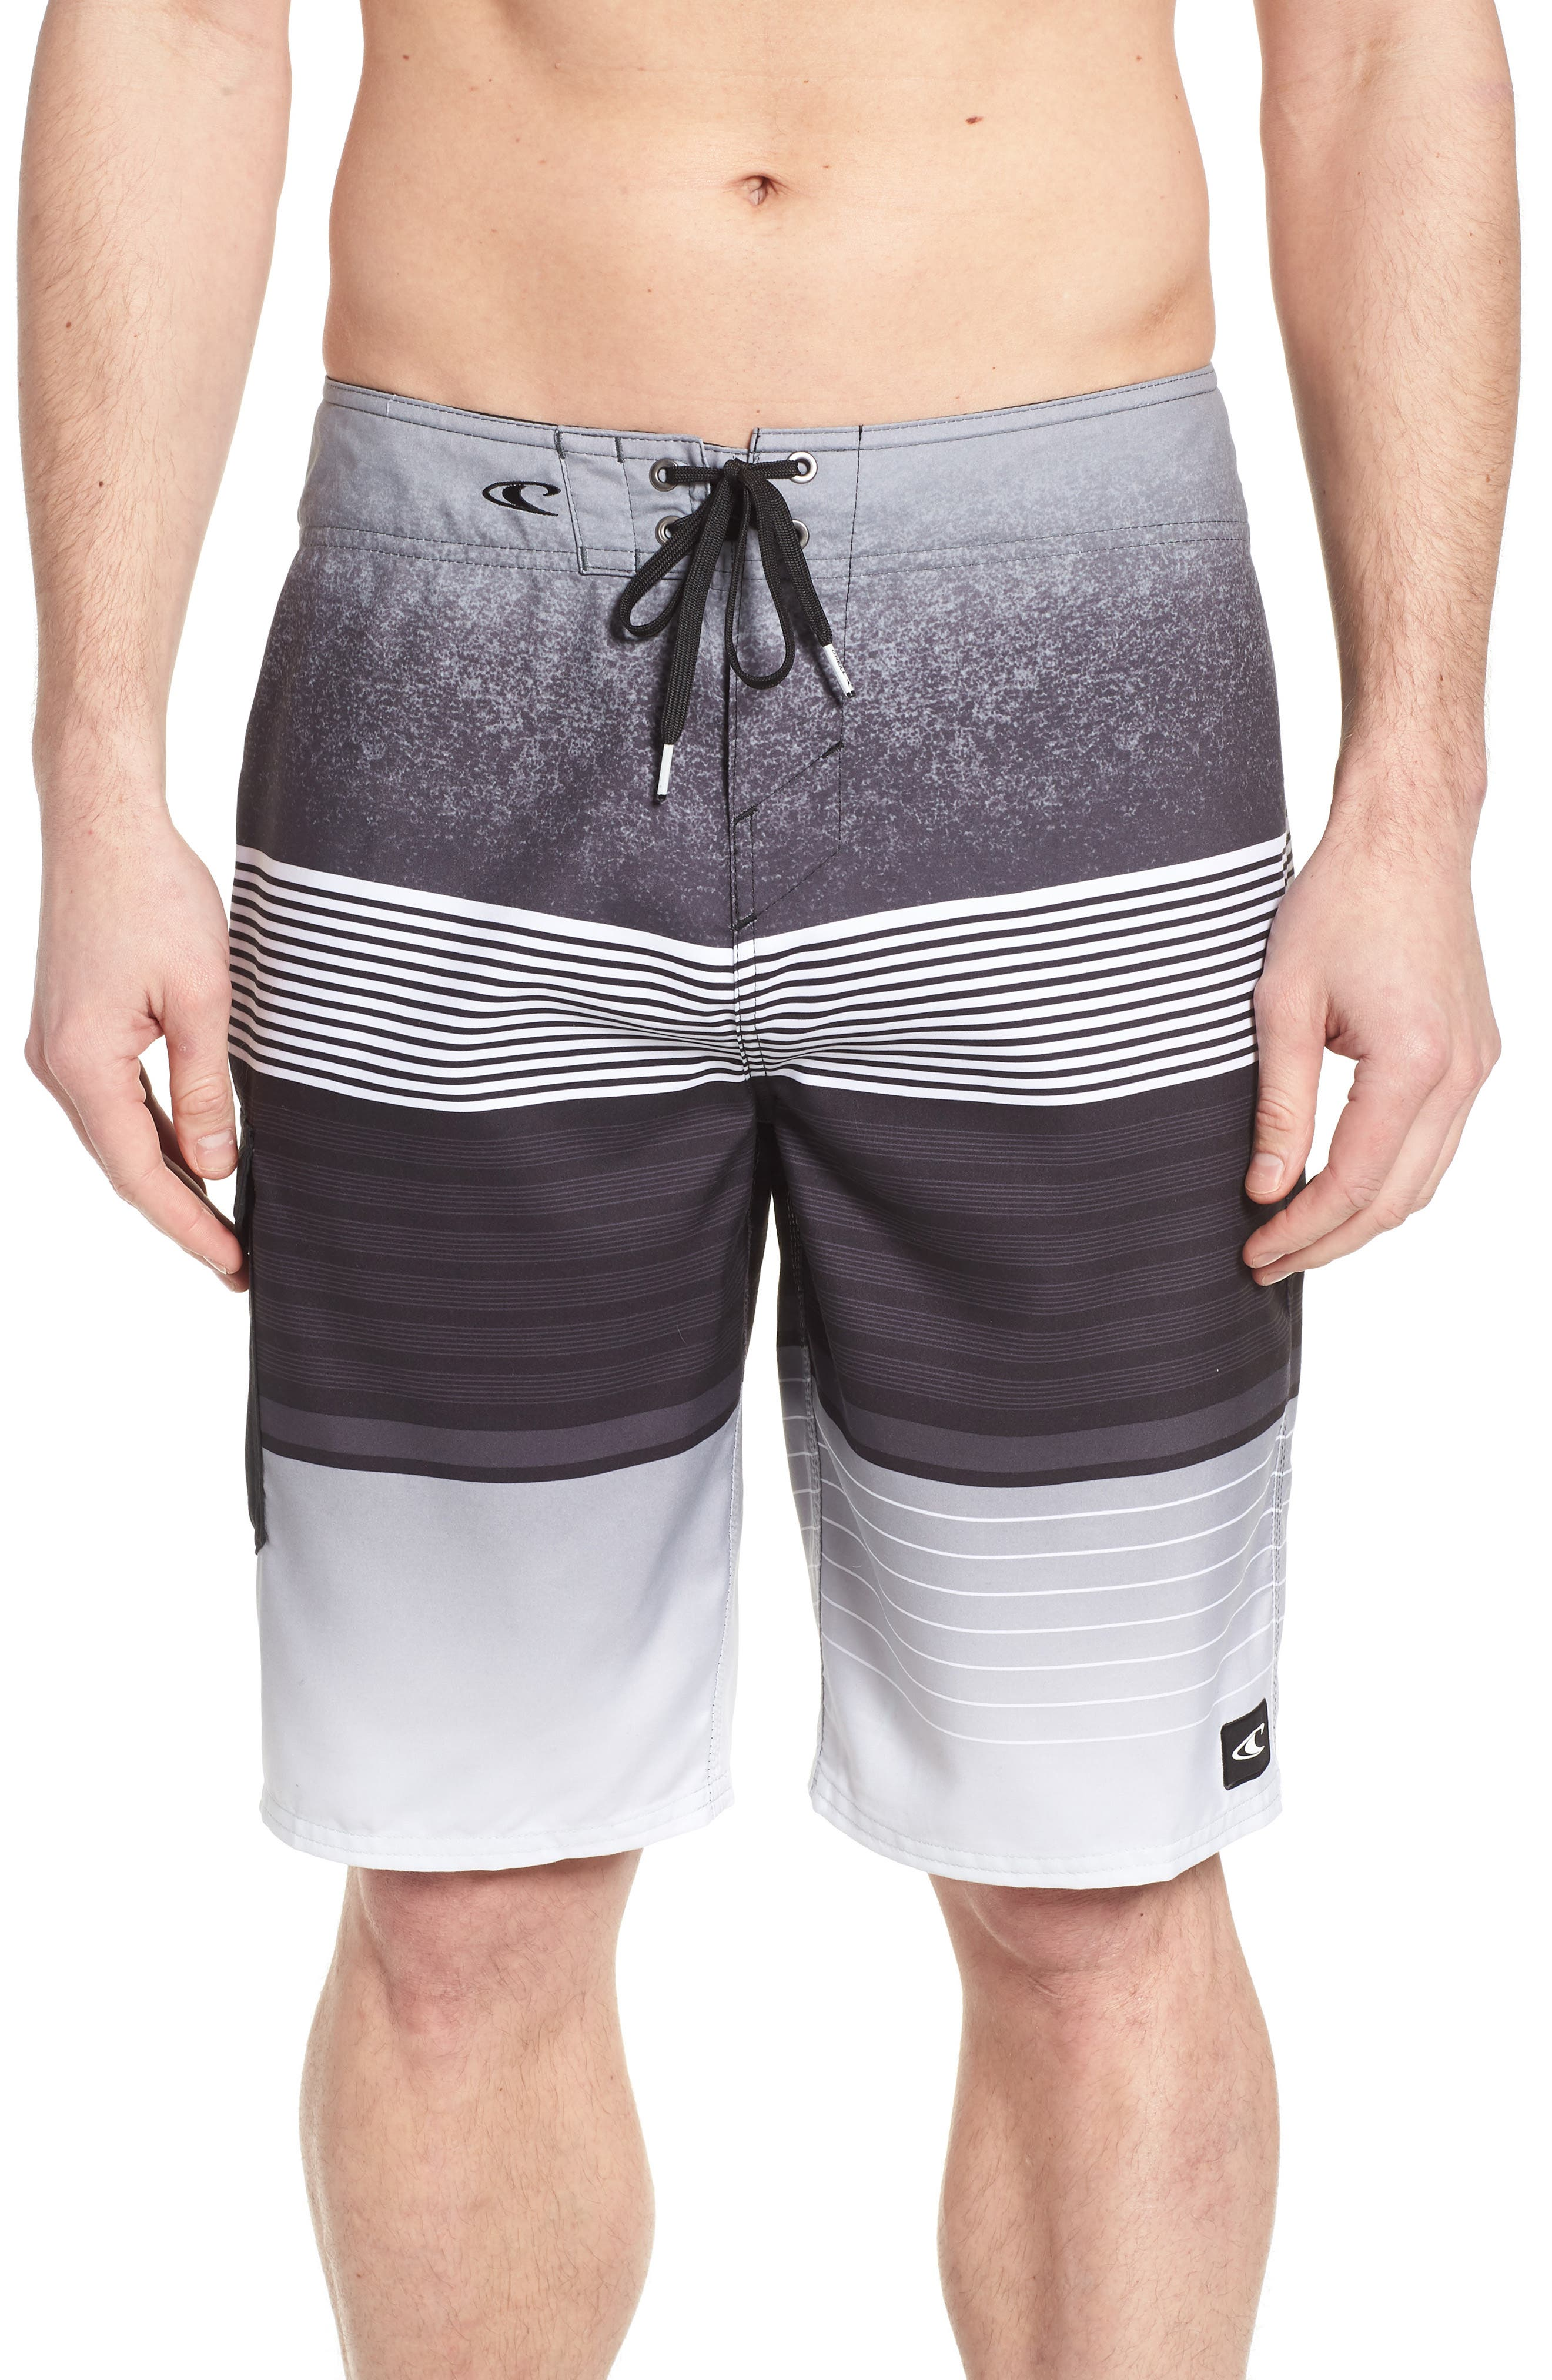 O'NEILL Lennox Board Shorts, Main, color, 001